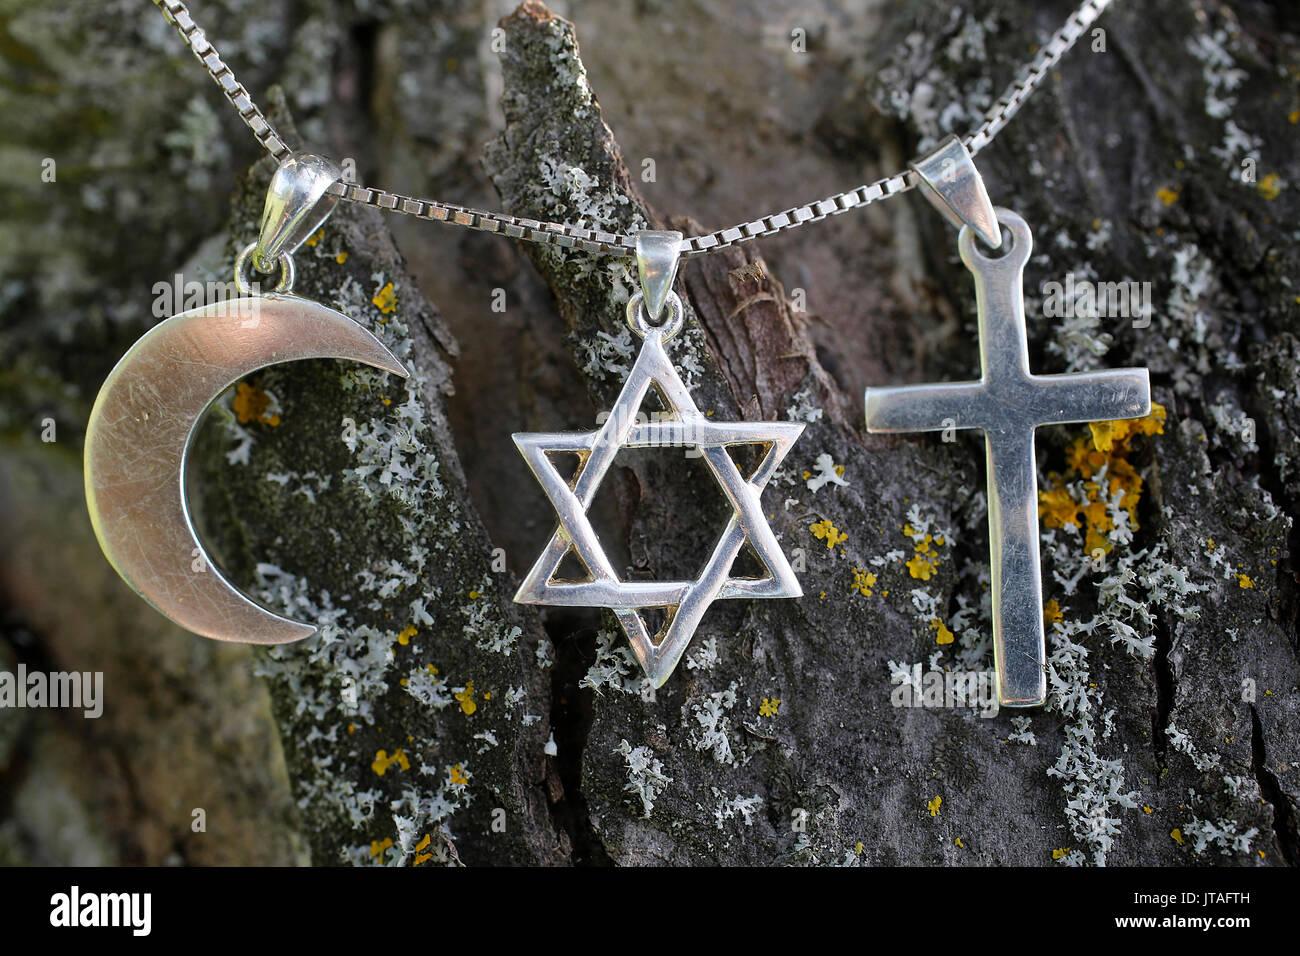 Simboli di islam ebraismo e cristianesimo, Eure, Francia, Europa Immagini Stock